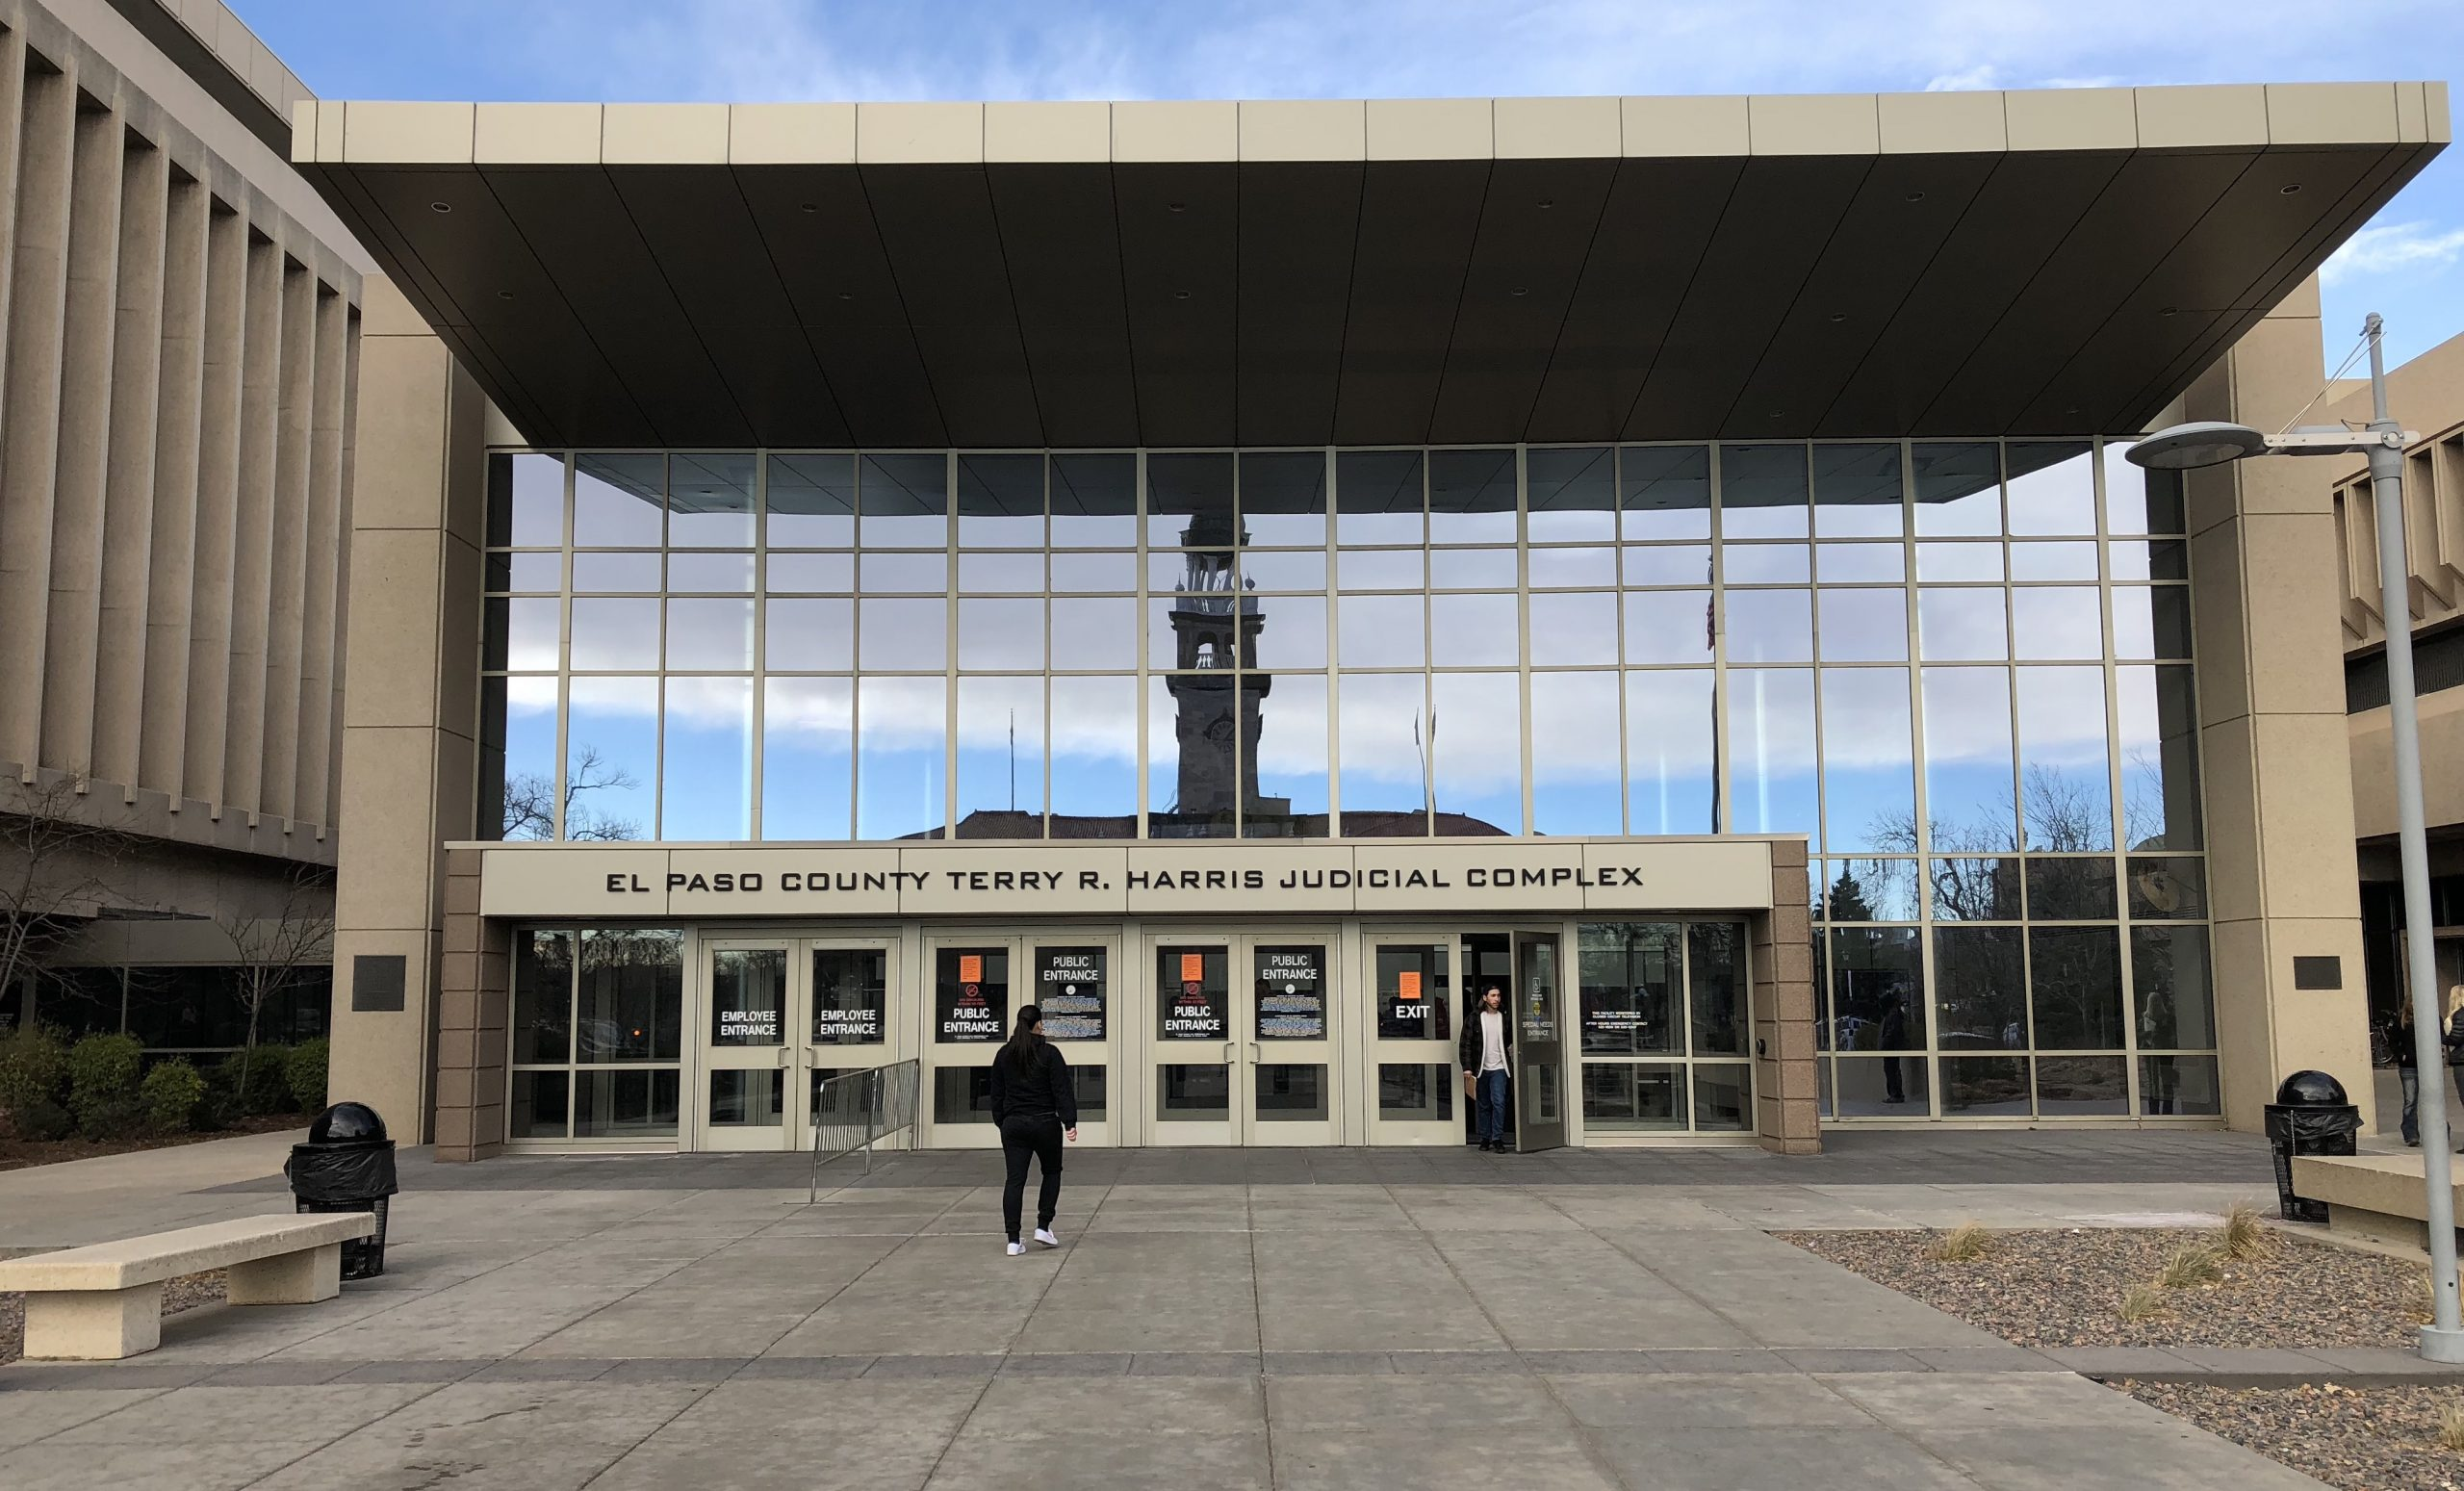 File photo of the El Paso County judicial complex in Colorado Springs.